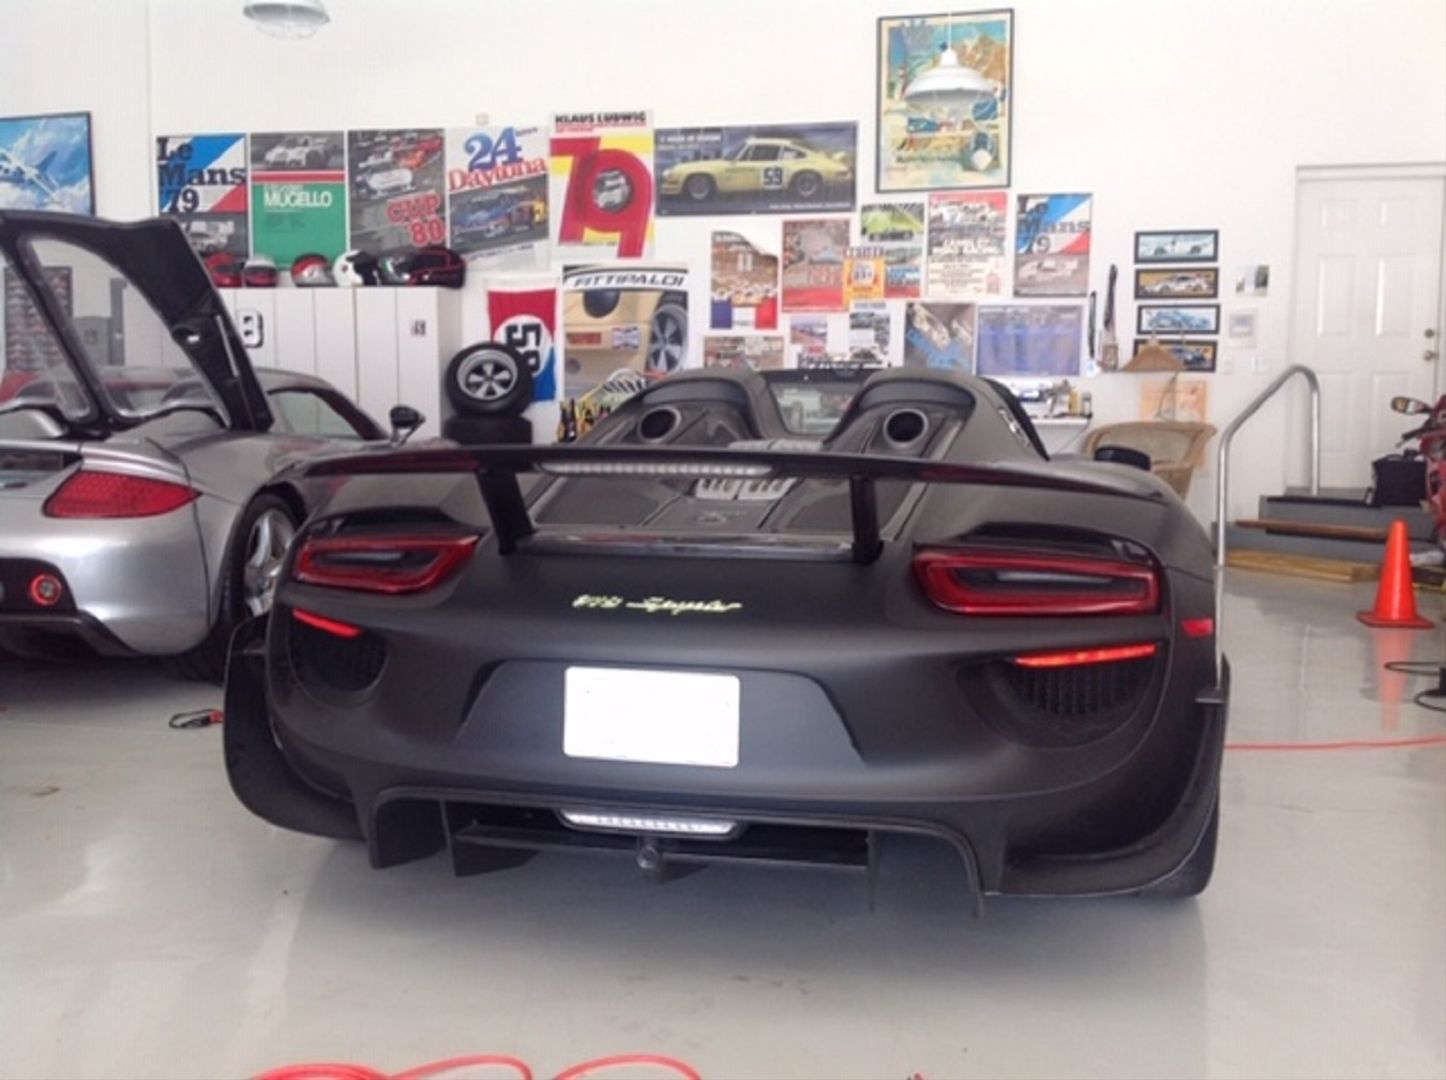 Porsche_918_Spyder_Martini_0004